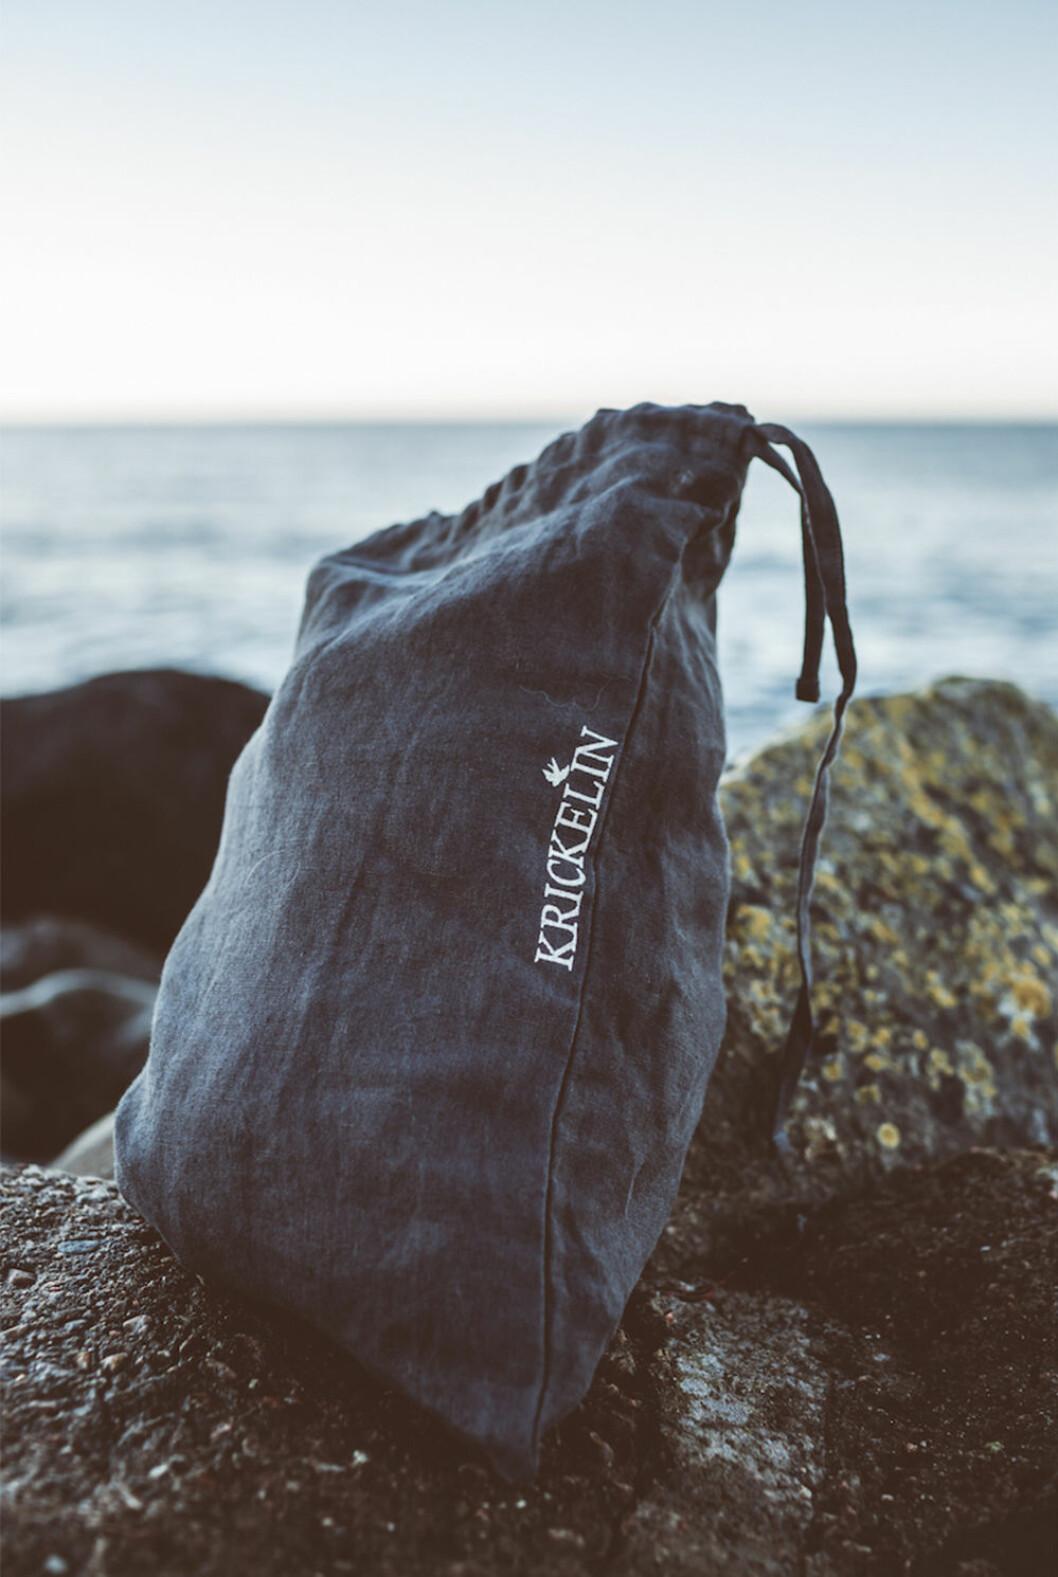 Krickelin har tagit fram en morgonrock och väska i linne för Ellos Home